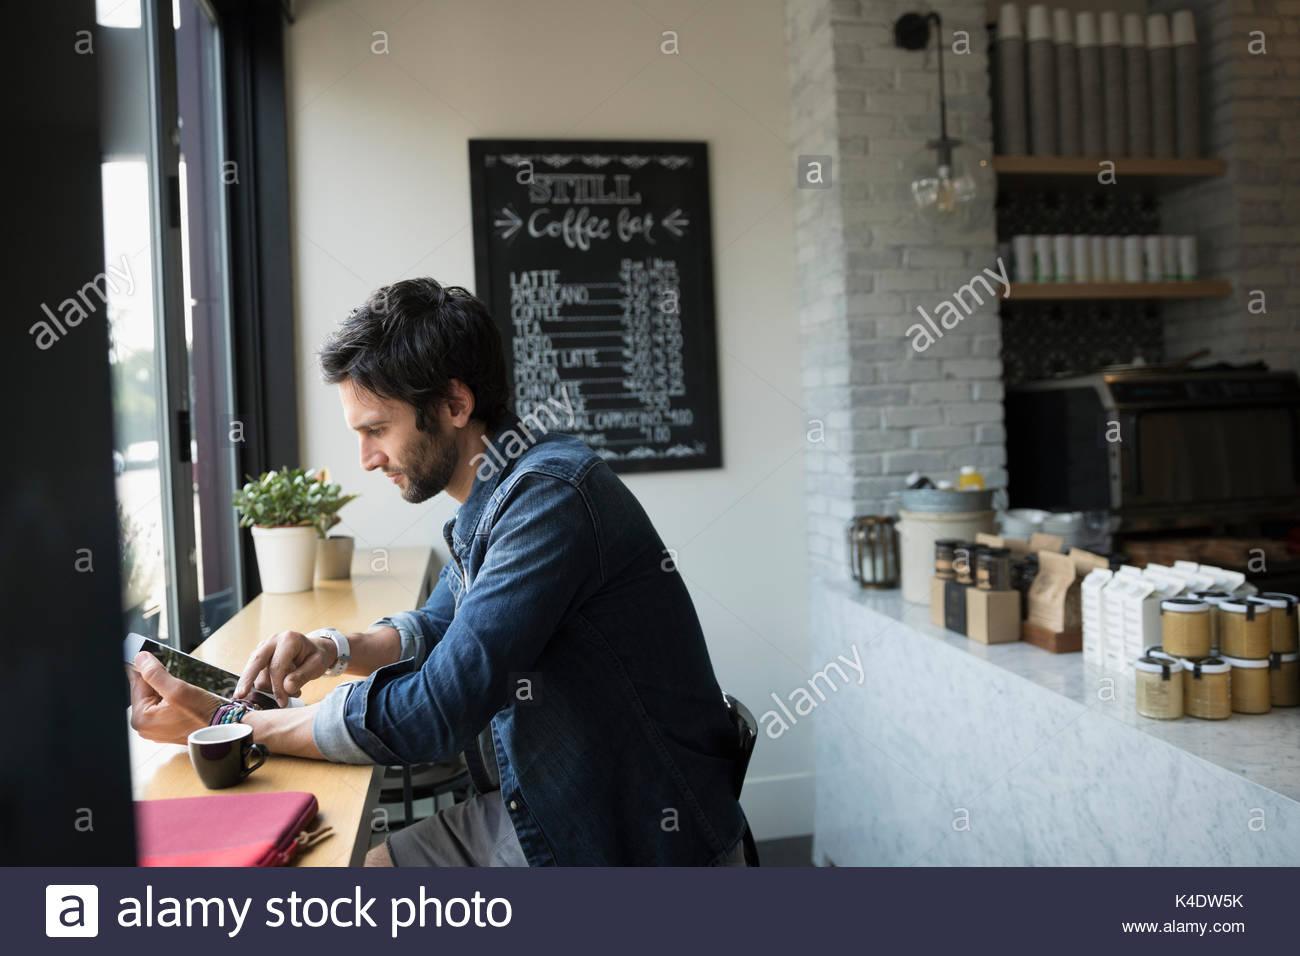 Uomo con tavoletta digitale presso il cafe finestra Immagini Stock